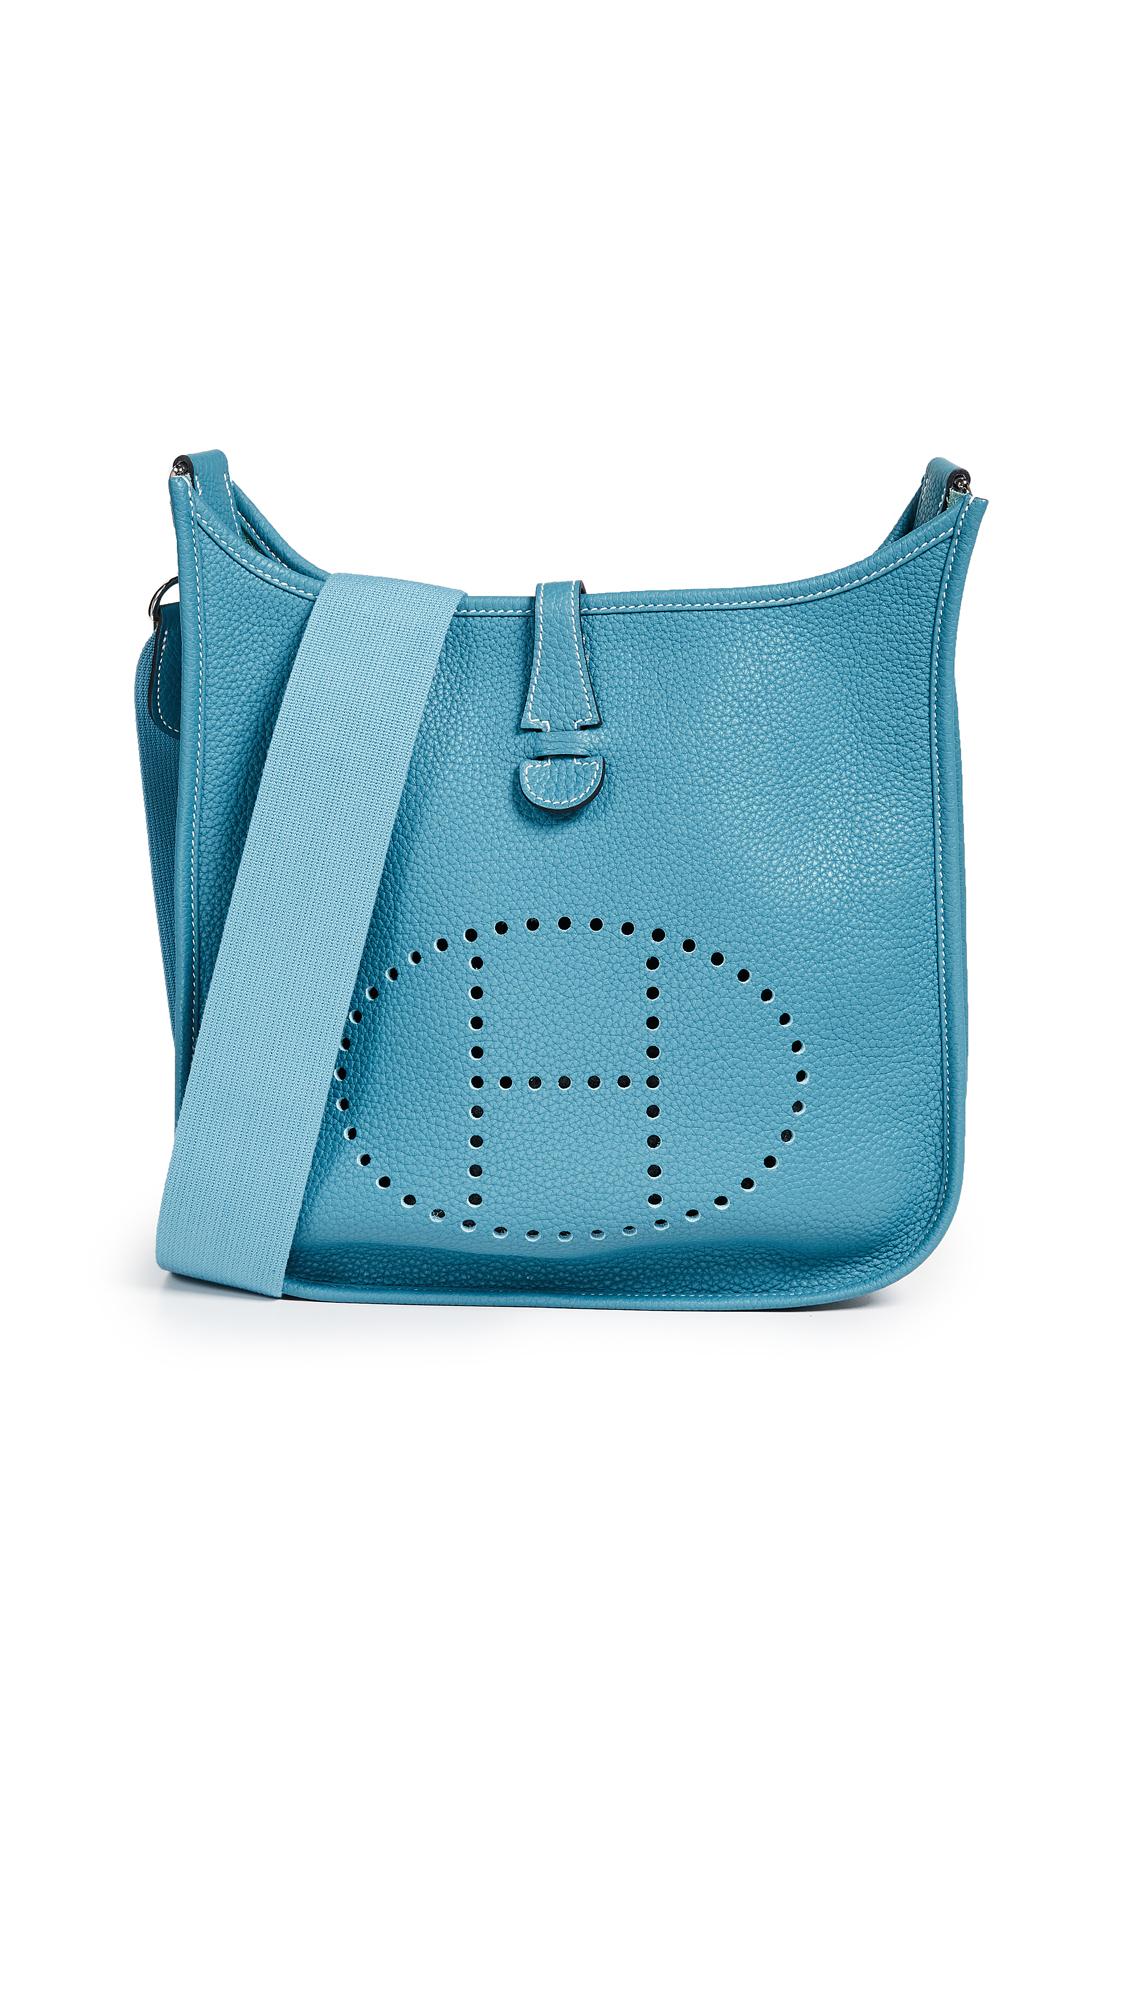 Hermes Blue Clem Evelyne I Pm Bag